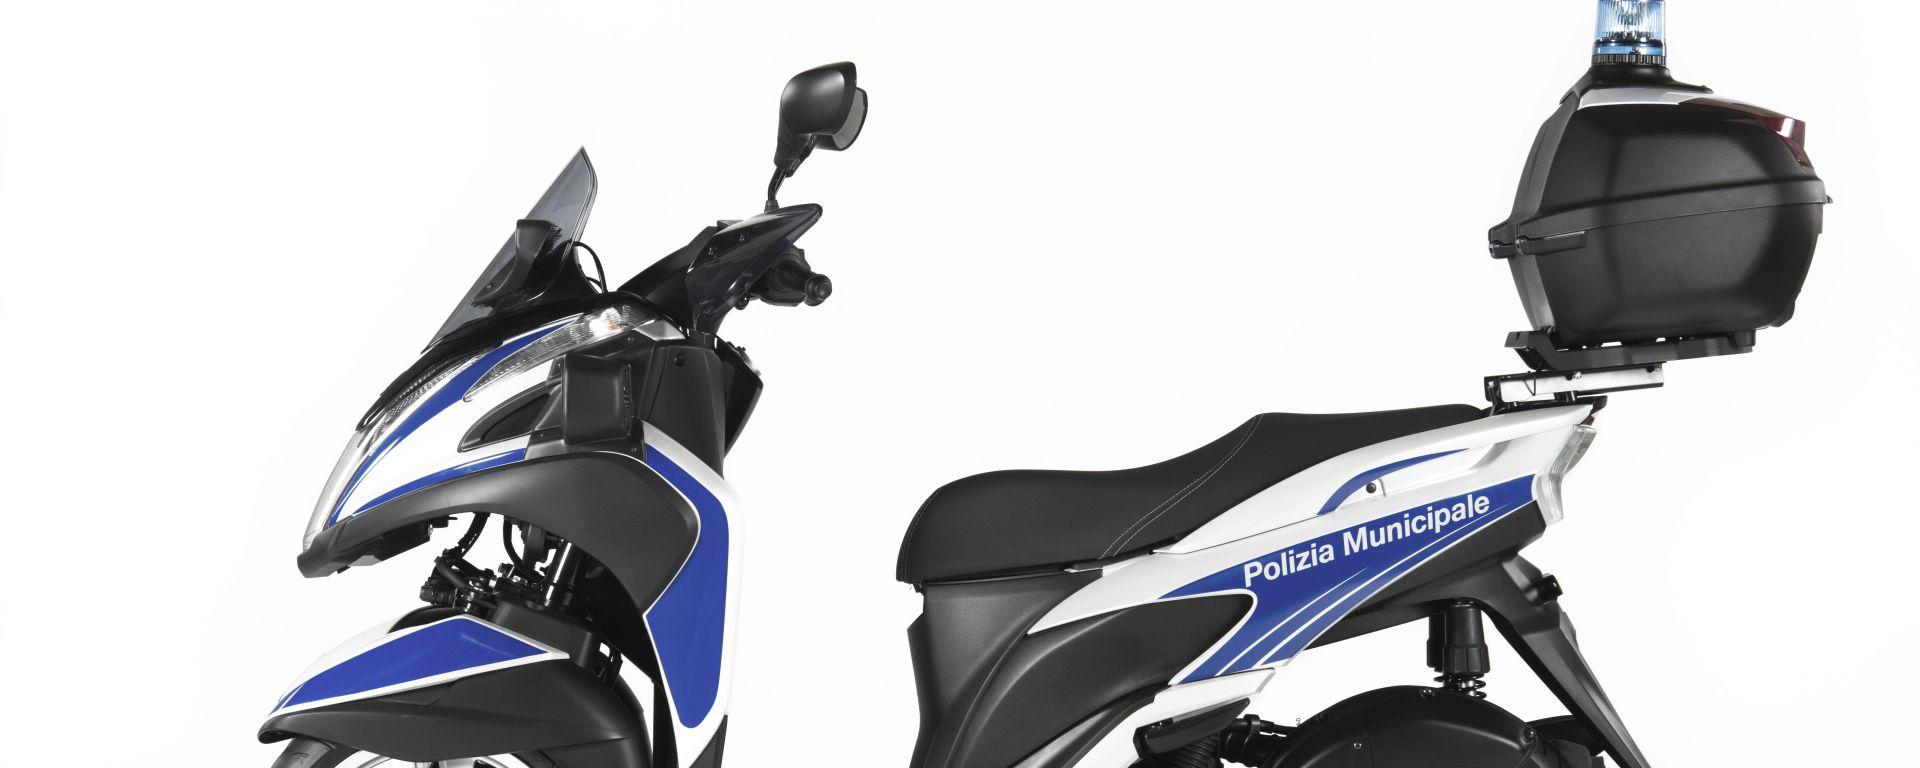 Yamaha Tricity 125 Police, il tre ruote per la Polizia